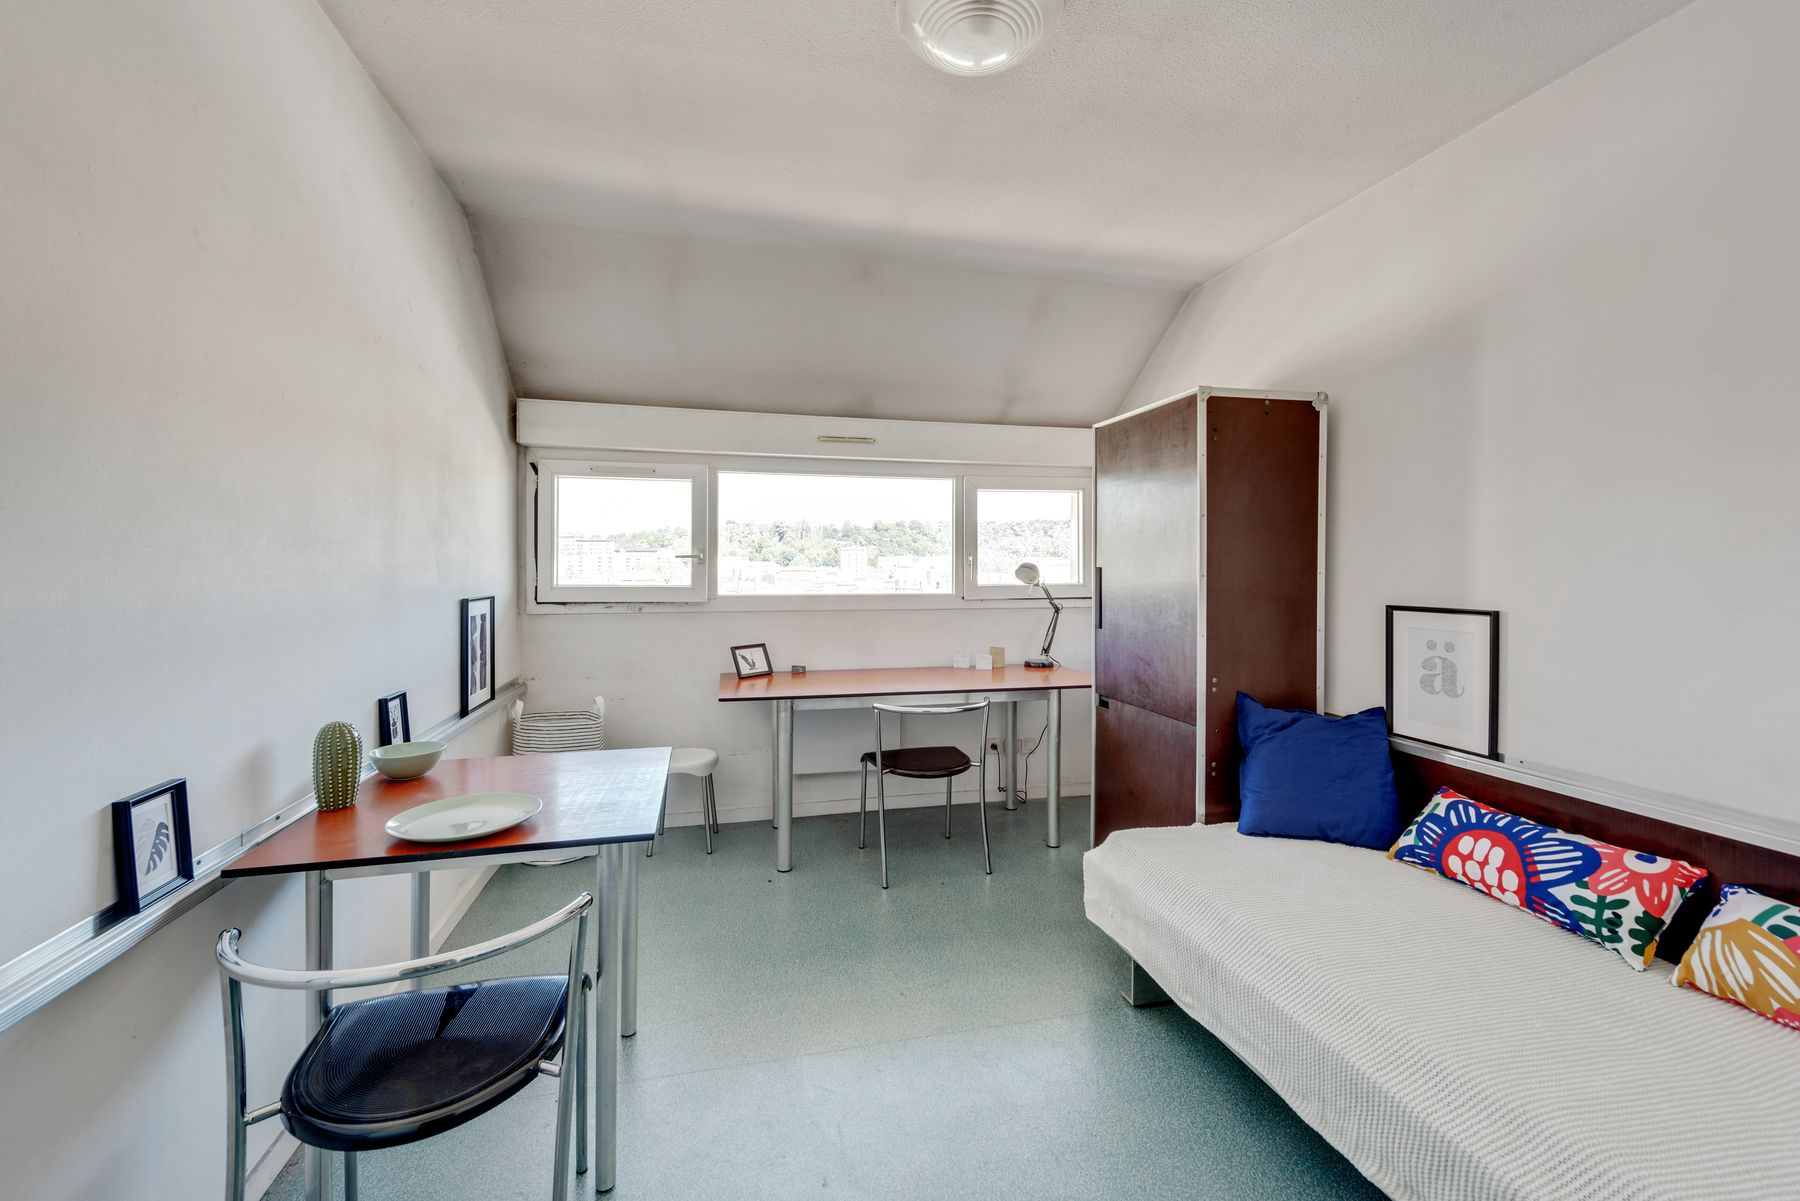 Maison des Étudiants du Rhône LOGIFAC résidence étudiante studio